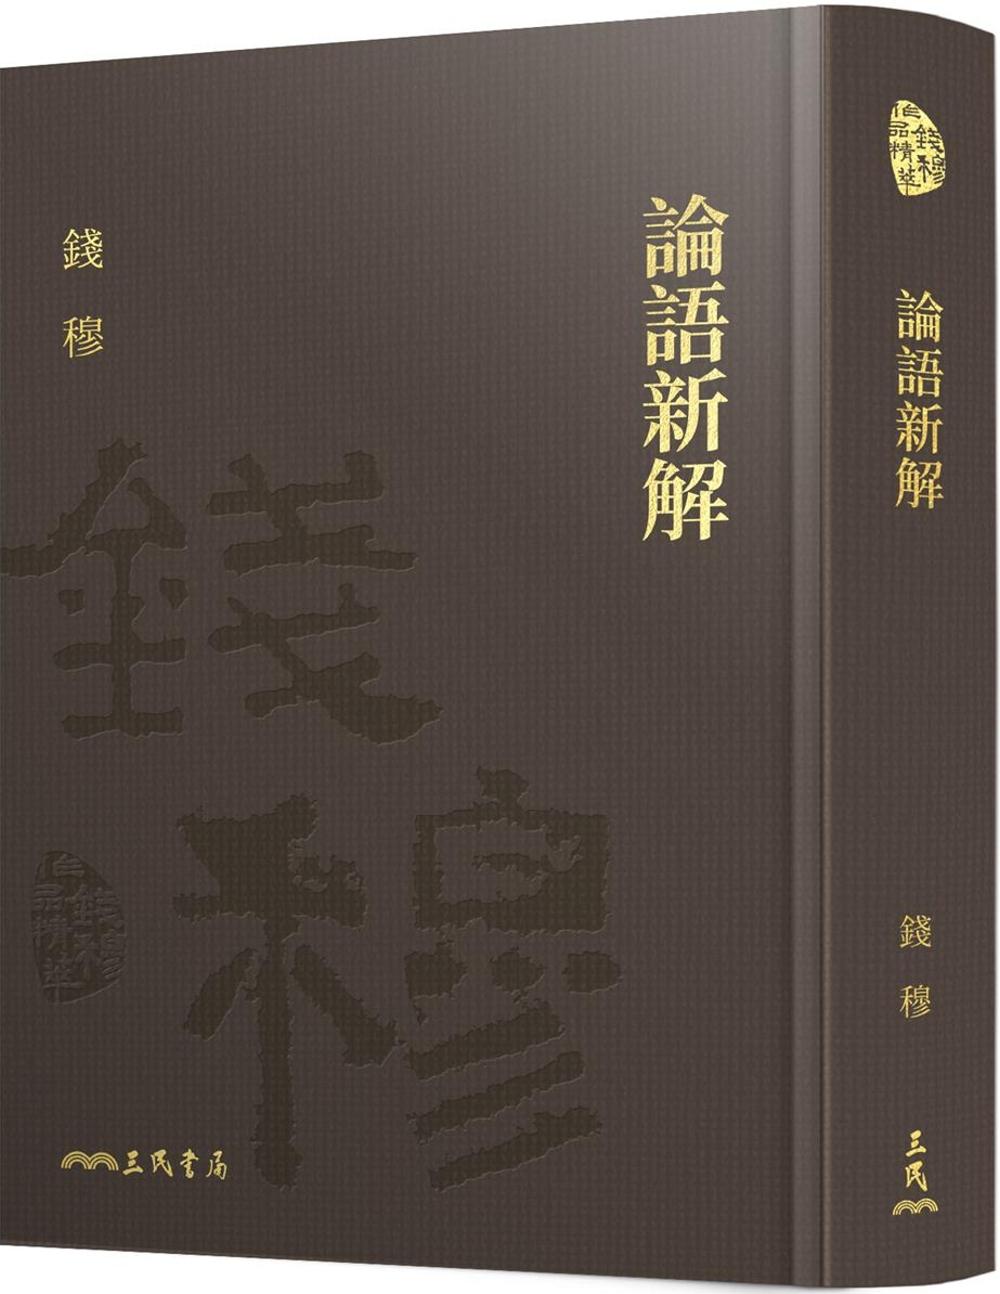 論語新解(精)(附贈藏書票)